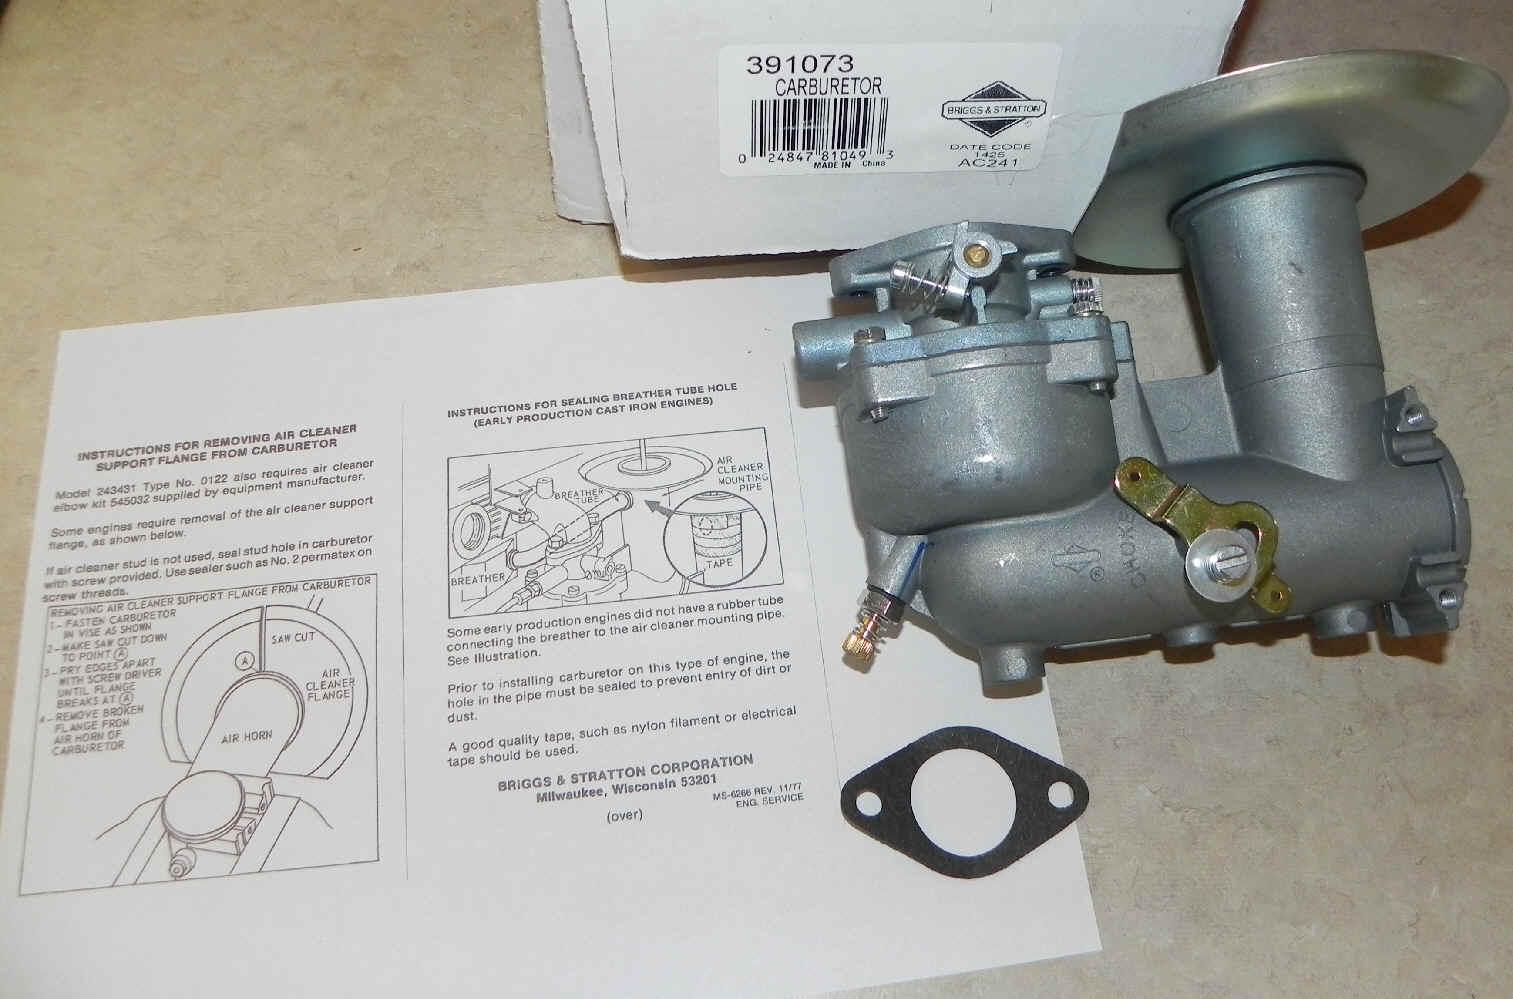 Briggs Stratton Carburetor Part No. 391073